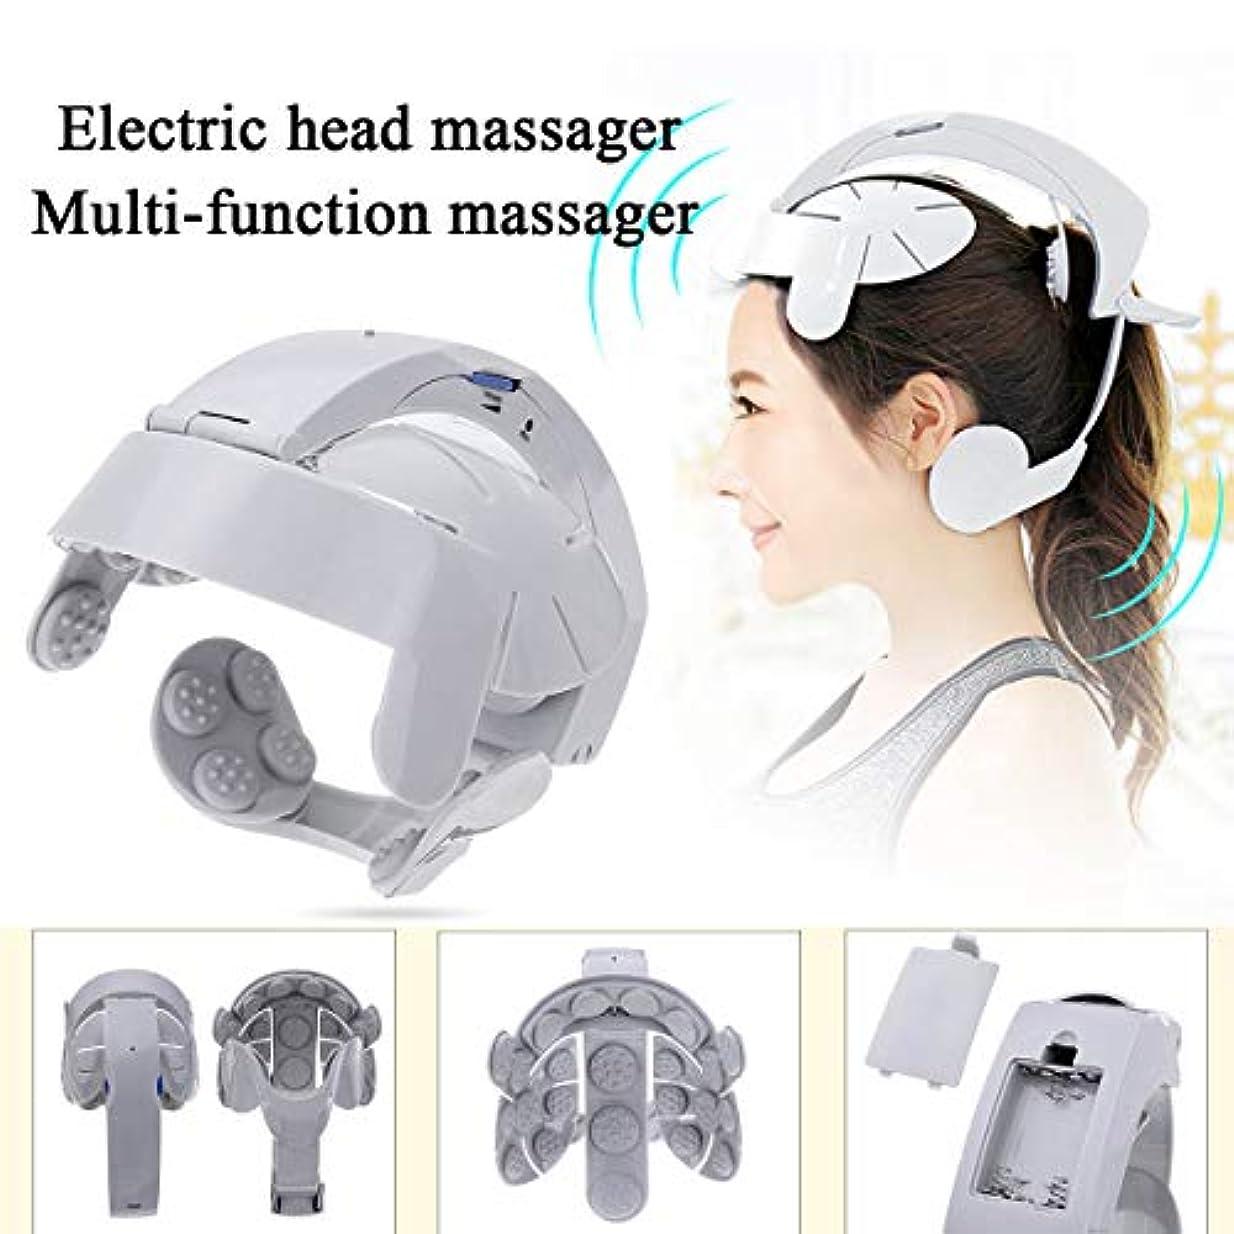 フライト更新するマッシュ電気ヘッドマッサージの振動マッサージ簡単な脳マッサージ器ストレスリリーフとより良い睡眠経穴ストレス解放機